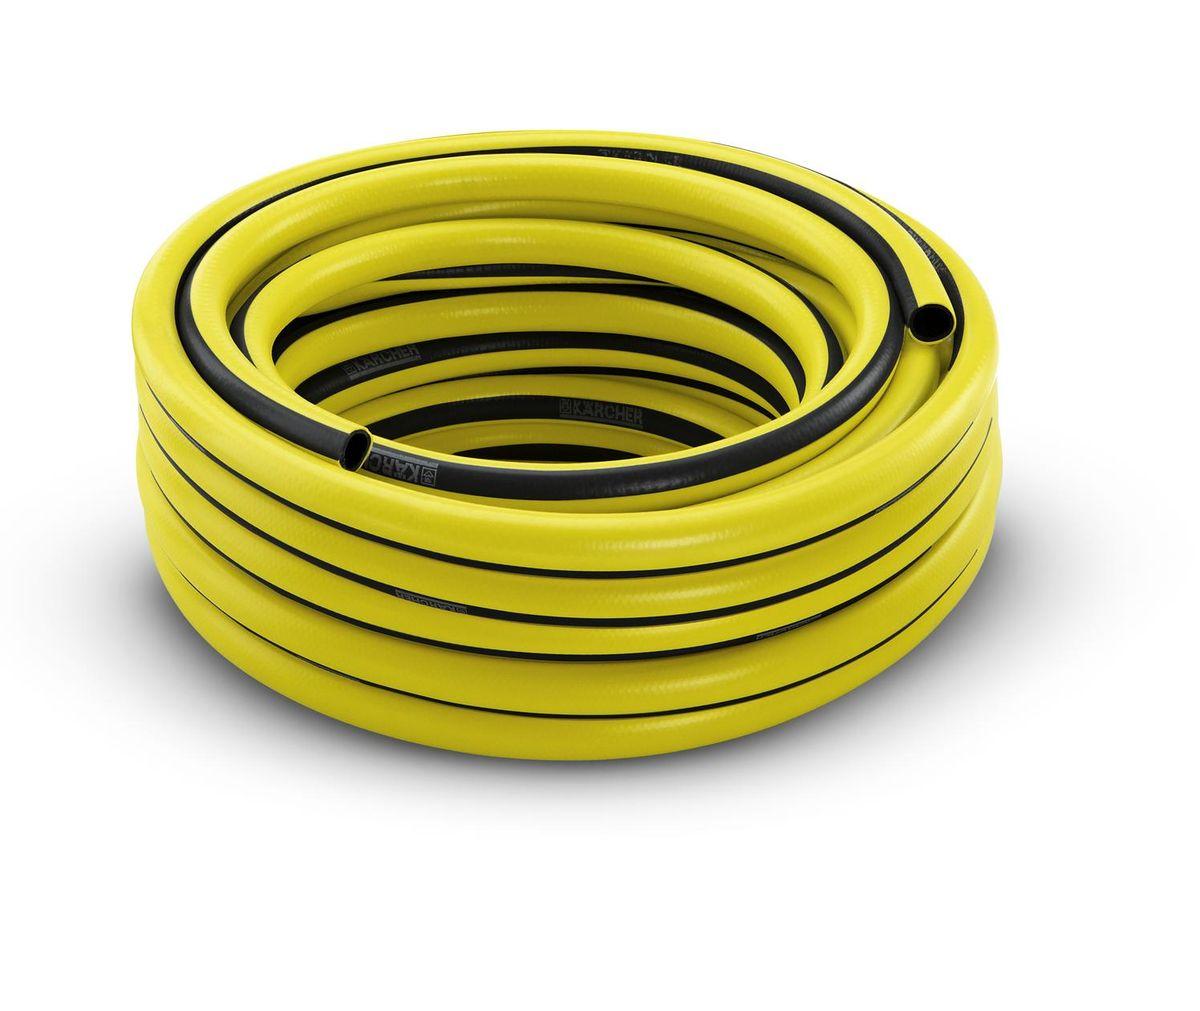 Шланг PrimoFlex Karcher 2.645-138 предназначен для подведения воды к месту полива. При обычном повседневном использовании в саду прослужит не менее 12 лет. Он армирован специальным материалом, выдерживающим давление до 24 бар, устойчив к УФ-излучению и температурам до +65°С. Прочен, безопасен за счет отсутствия в составе кадмия, бария и свинца, вредных веществ, фталатов и вторичного сырья. Шланг устойчив к перегибам. Имеет 3-х слойное изготовление. Промежуточный слой является светонепроницаемым и предотвращает рост водорослей в шланге. Удобен в обращении, стоек к воздействиям внешней среды. Шланг крепится к крану с помощью штуцера. Штуцер приобретается отдельно. Диаметр 1/2 дюйма.Максимальное давление: 24 бар.Рабочая температура: от -20°С до +65°С.Внутренний диаметр: 12 мм.